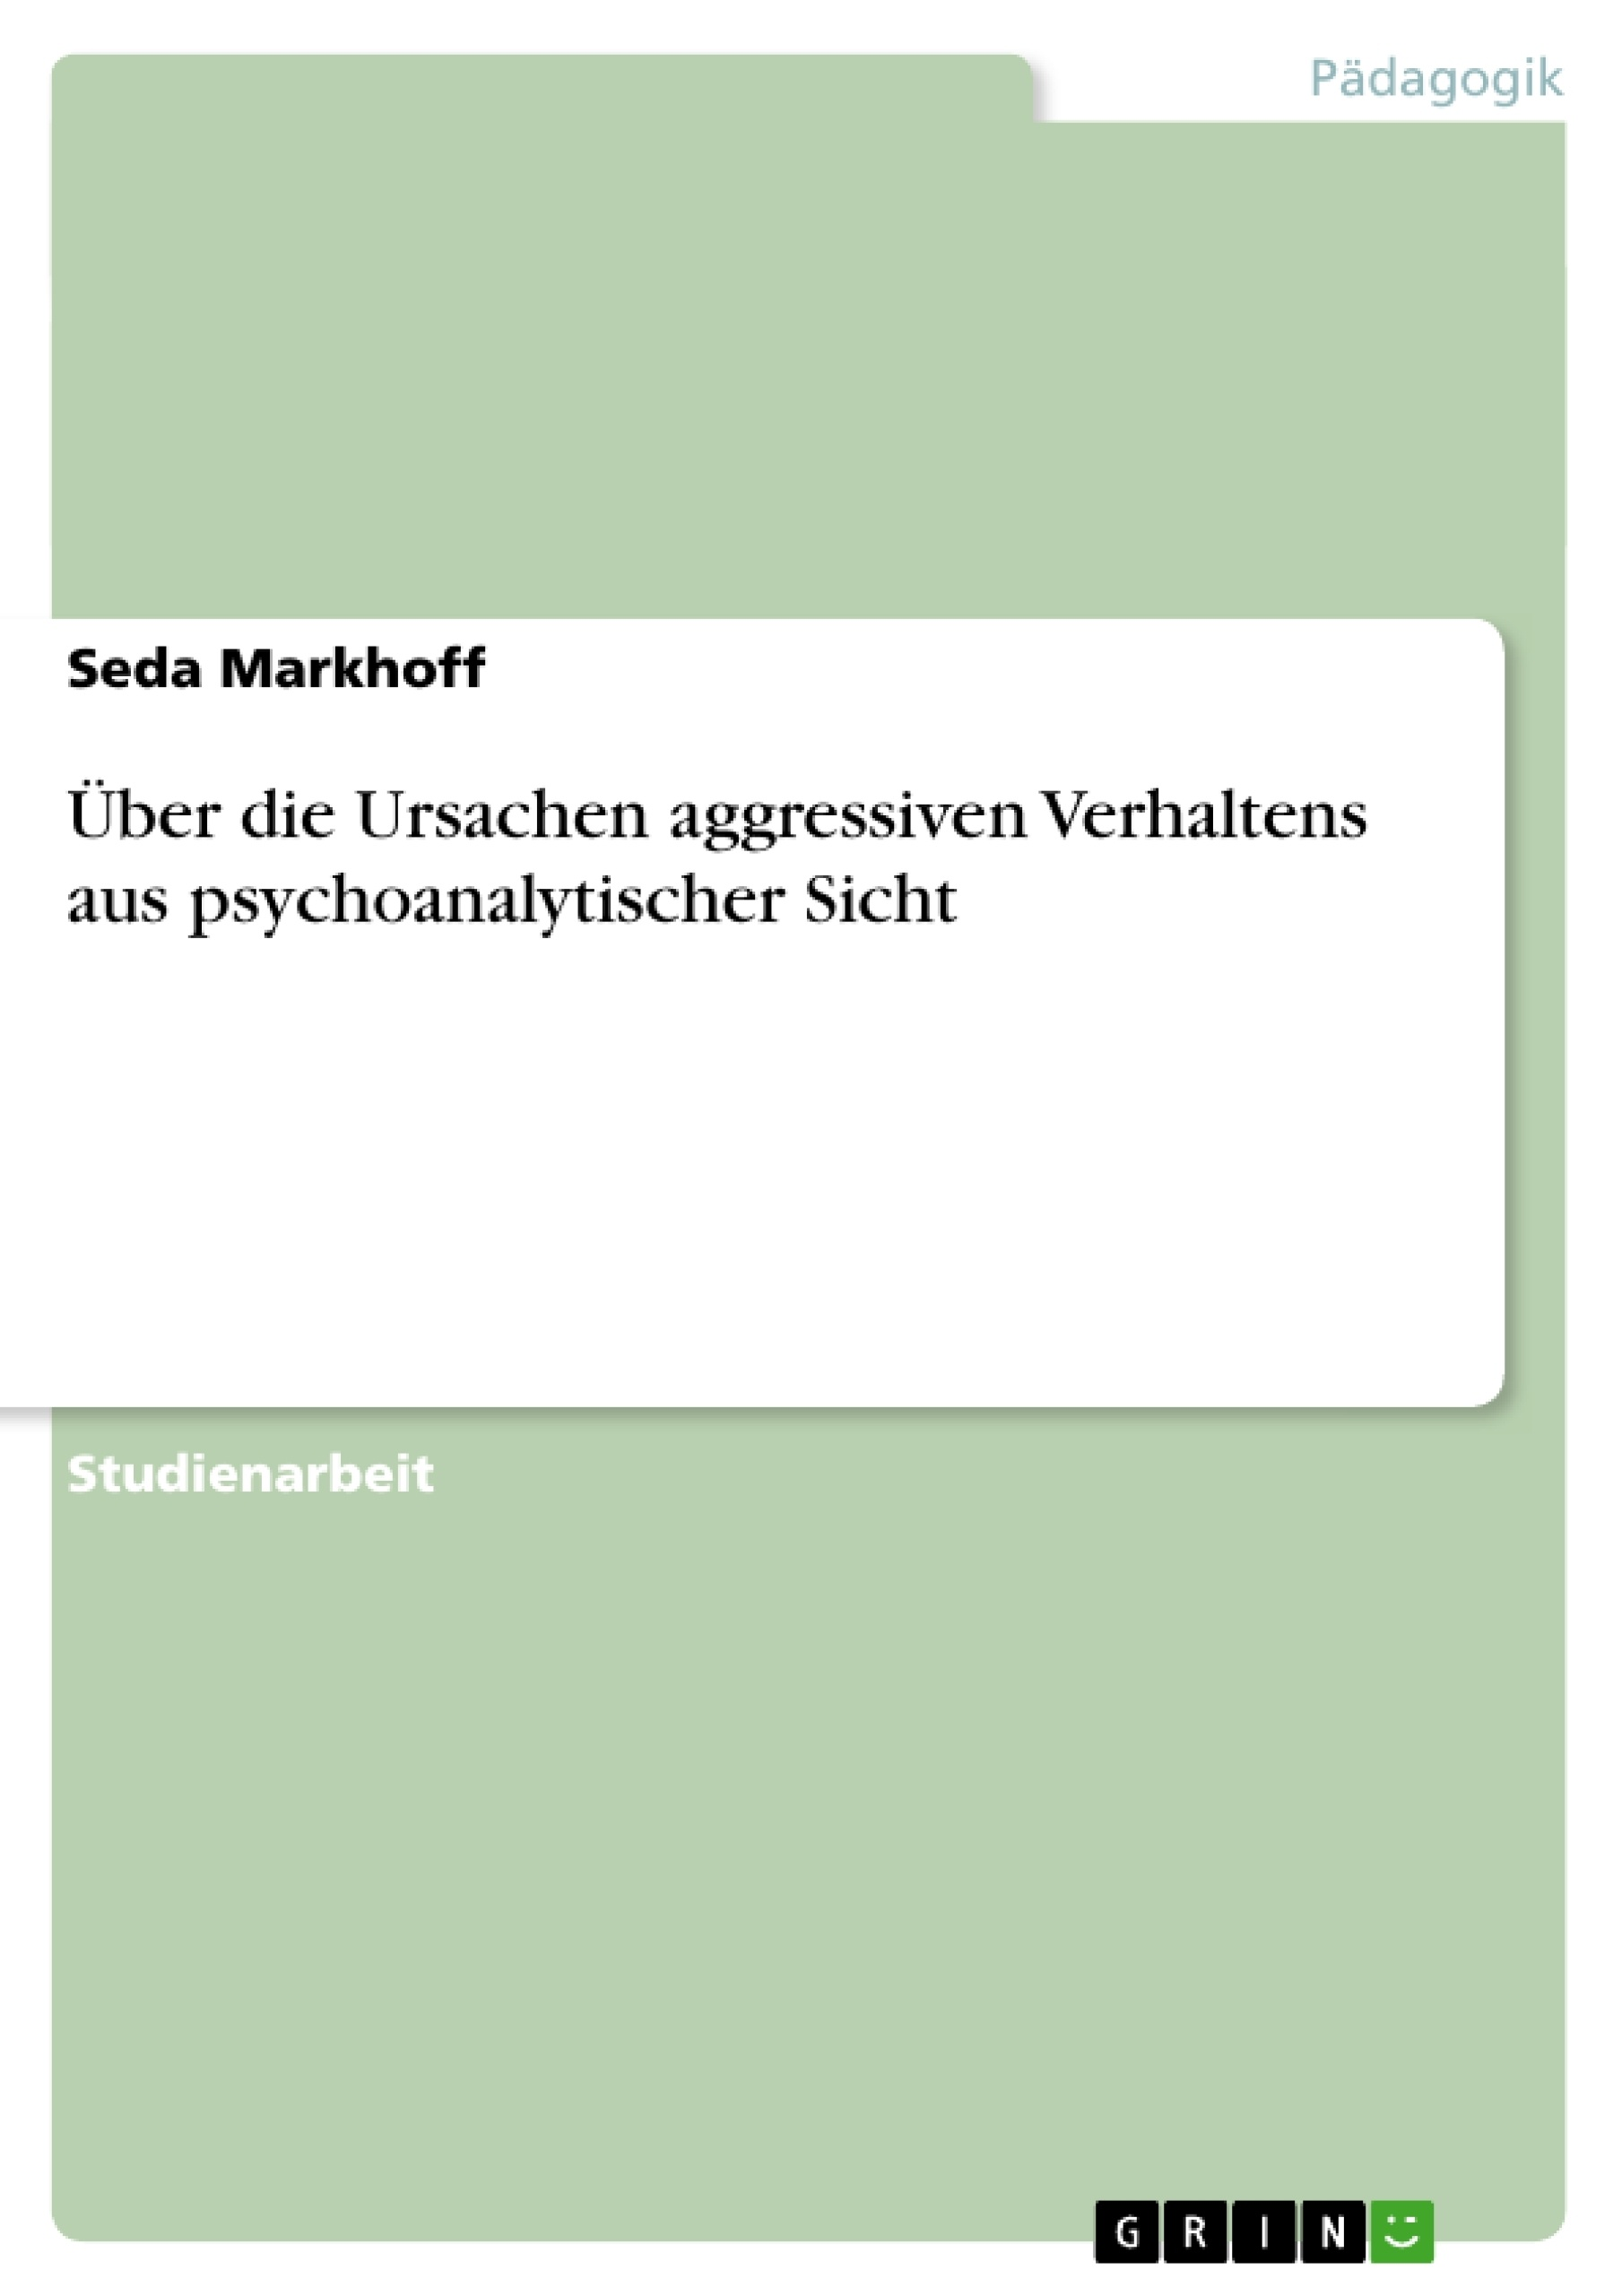 Titel: Über die Ursachen aggressiven Verhaltens aus psychoanalytischer Sicht